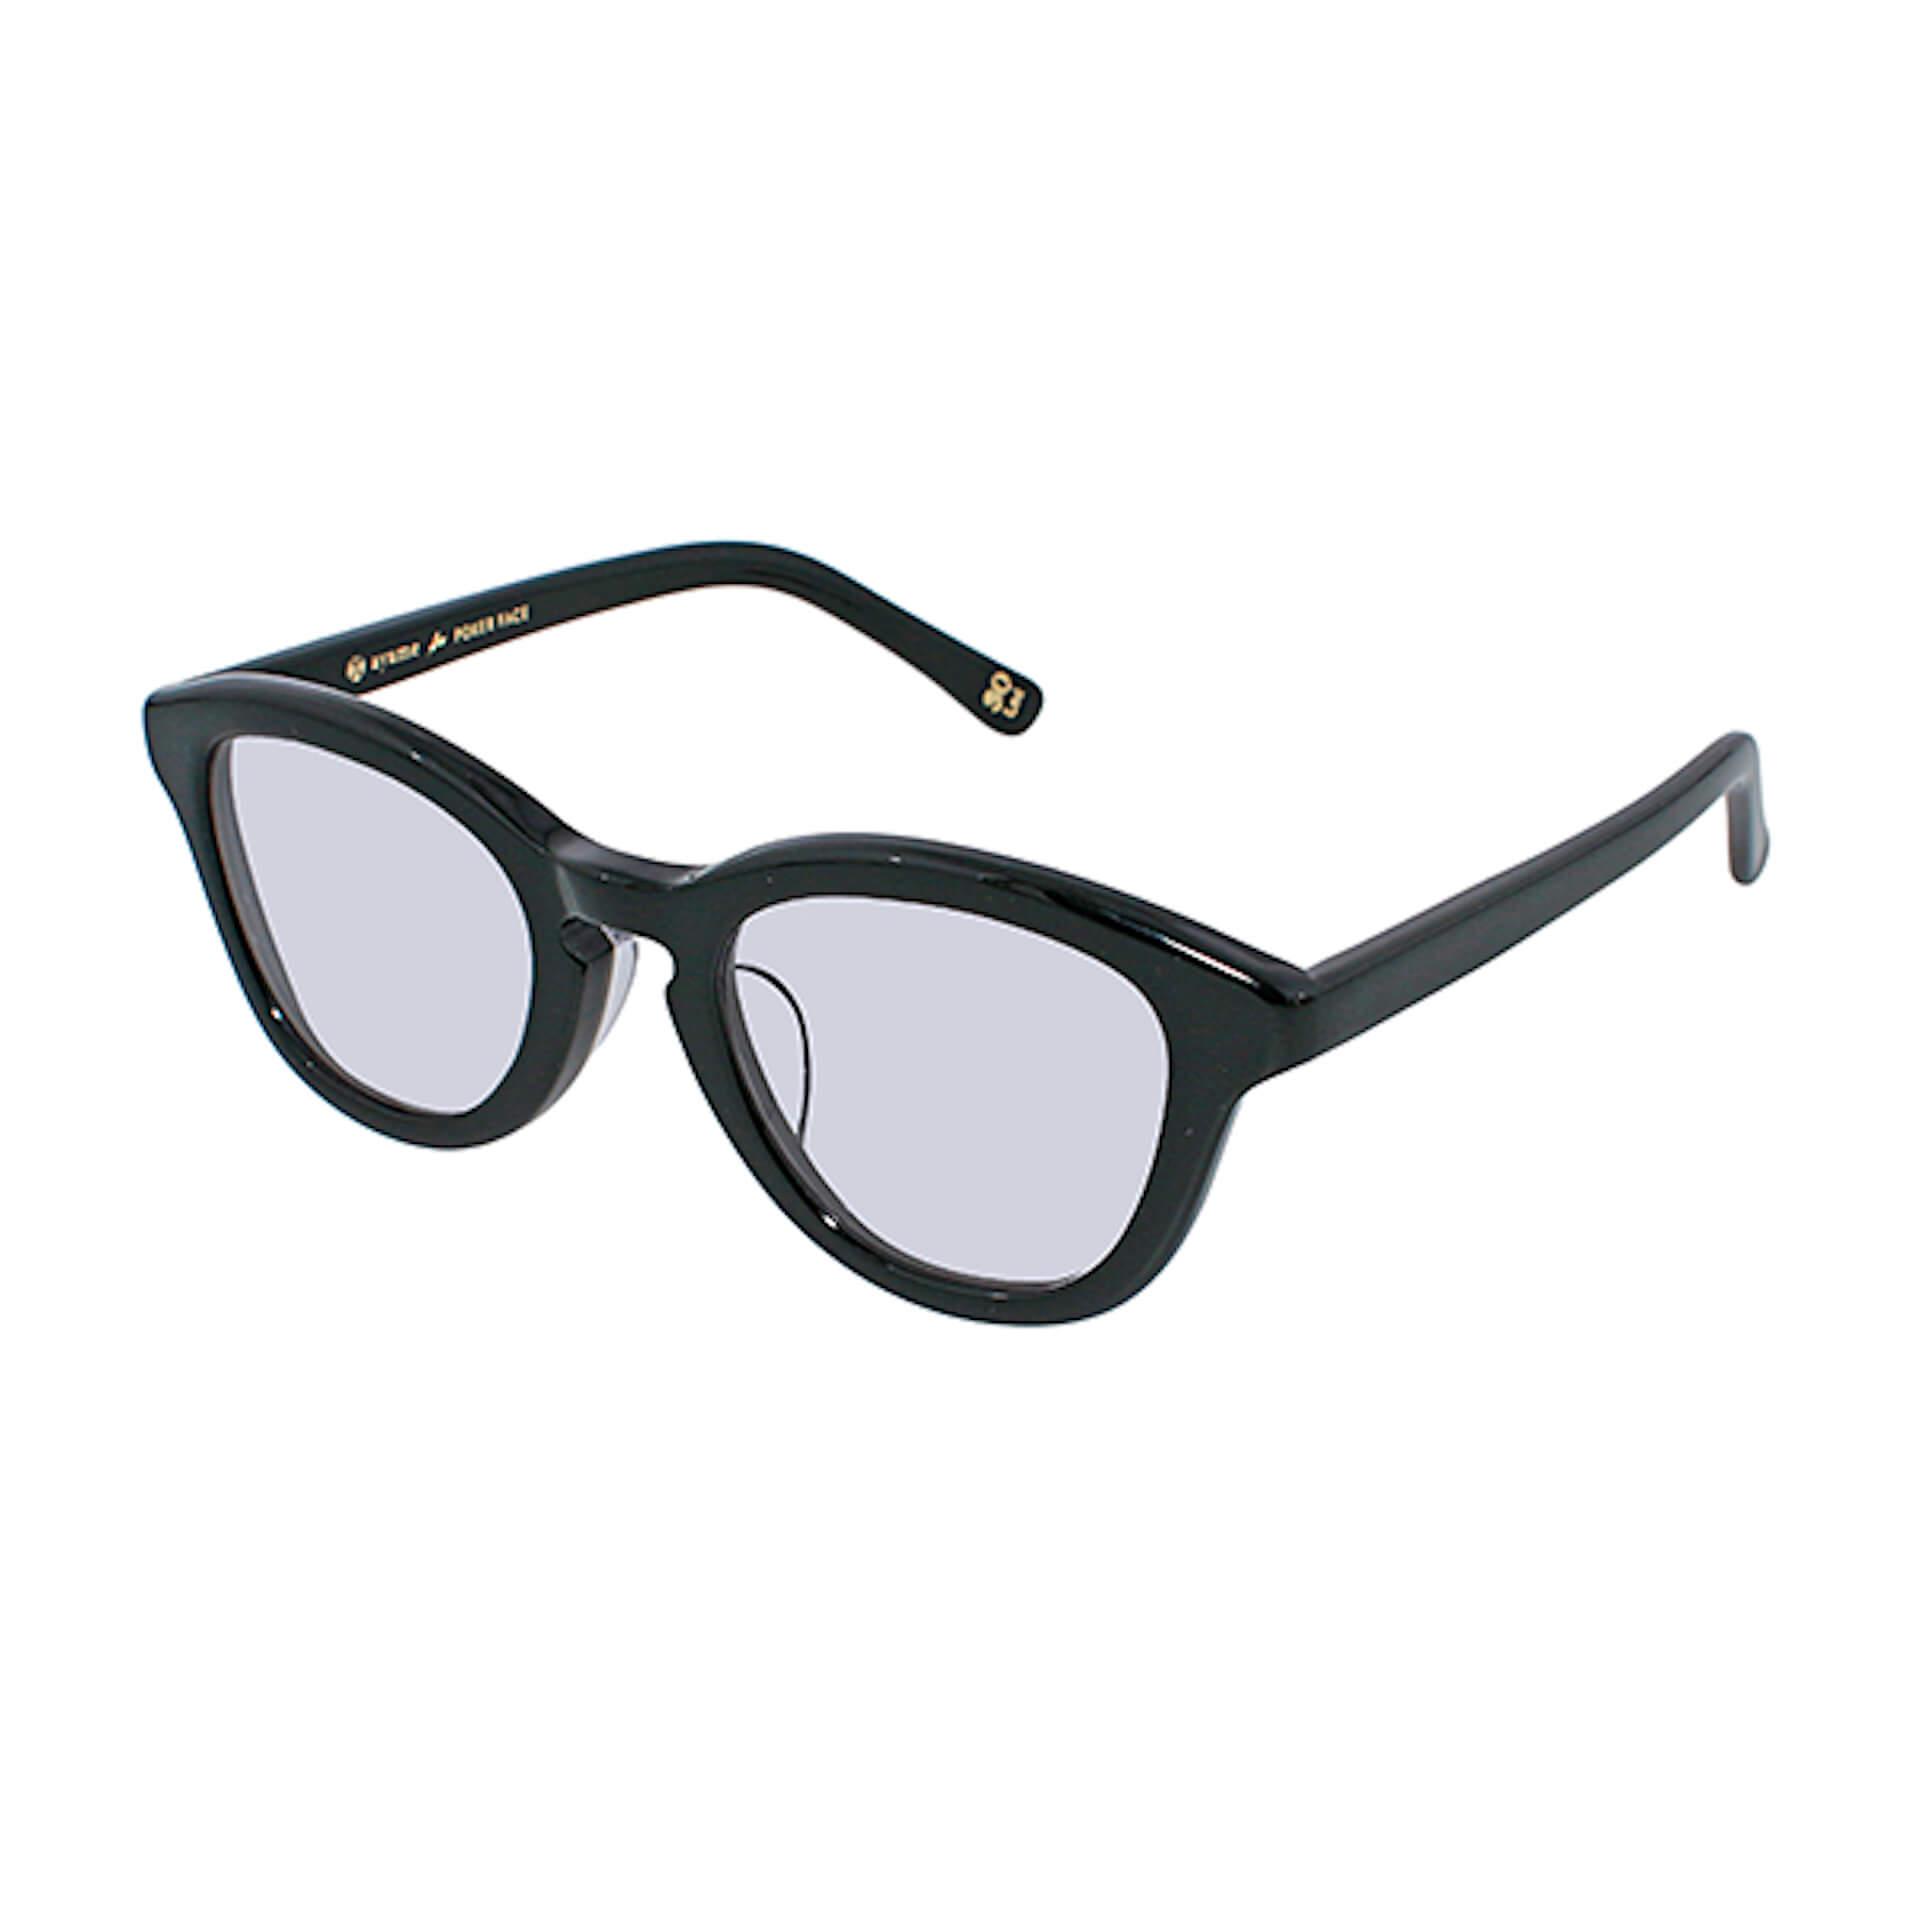 「POKER FACE」がアイウェアブランド「ayame」に別注をかけたセルロイド製の「曇らないサングラス」を発売決定! Fashion_210719_koro4